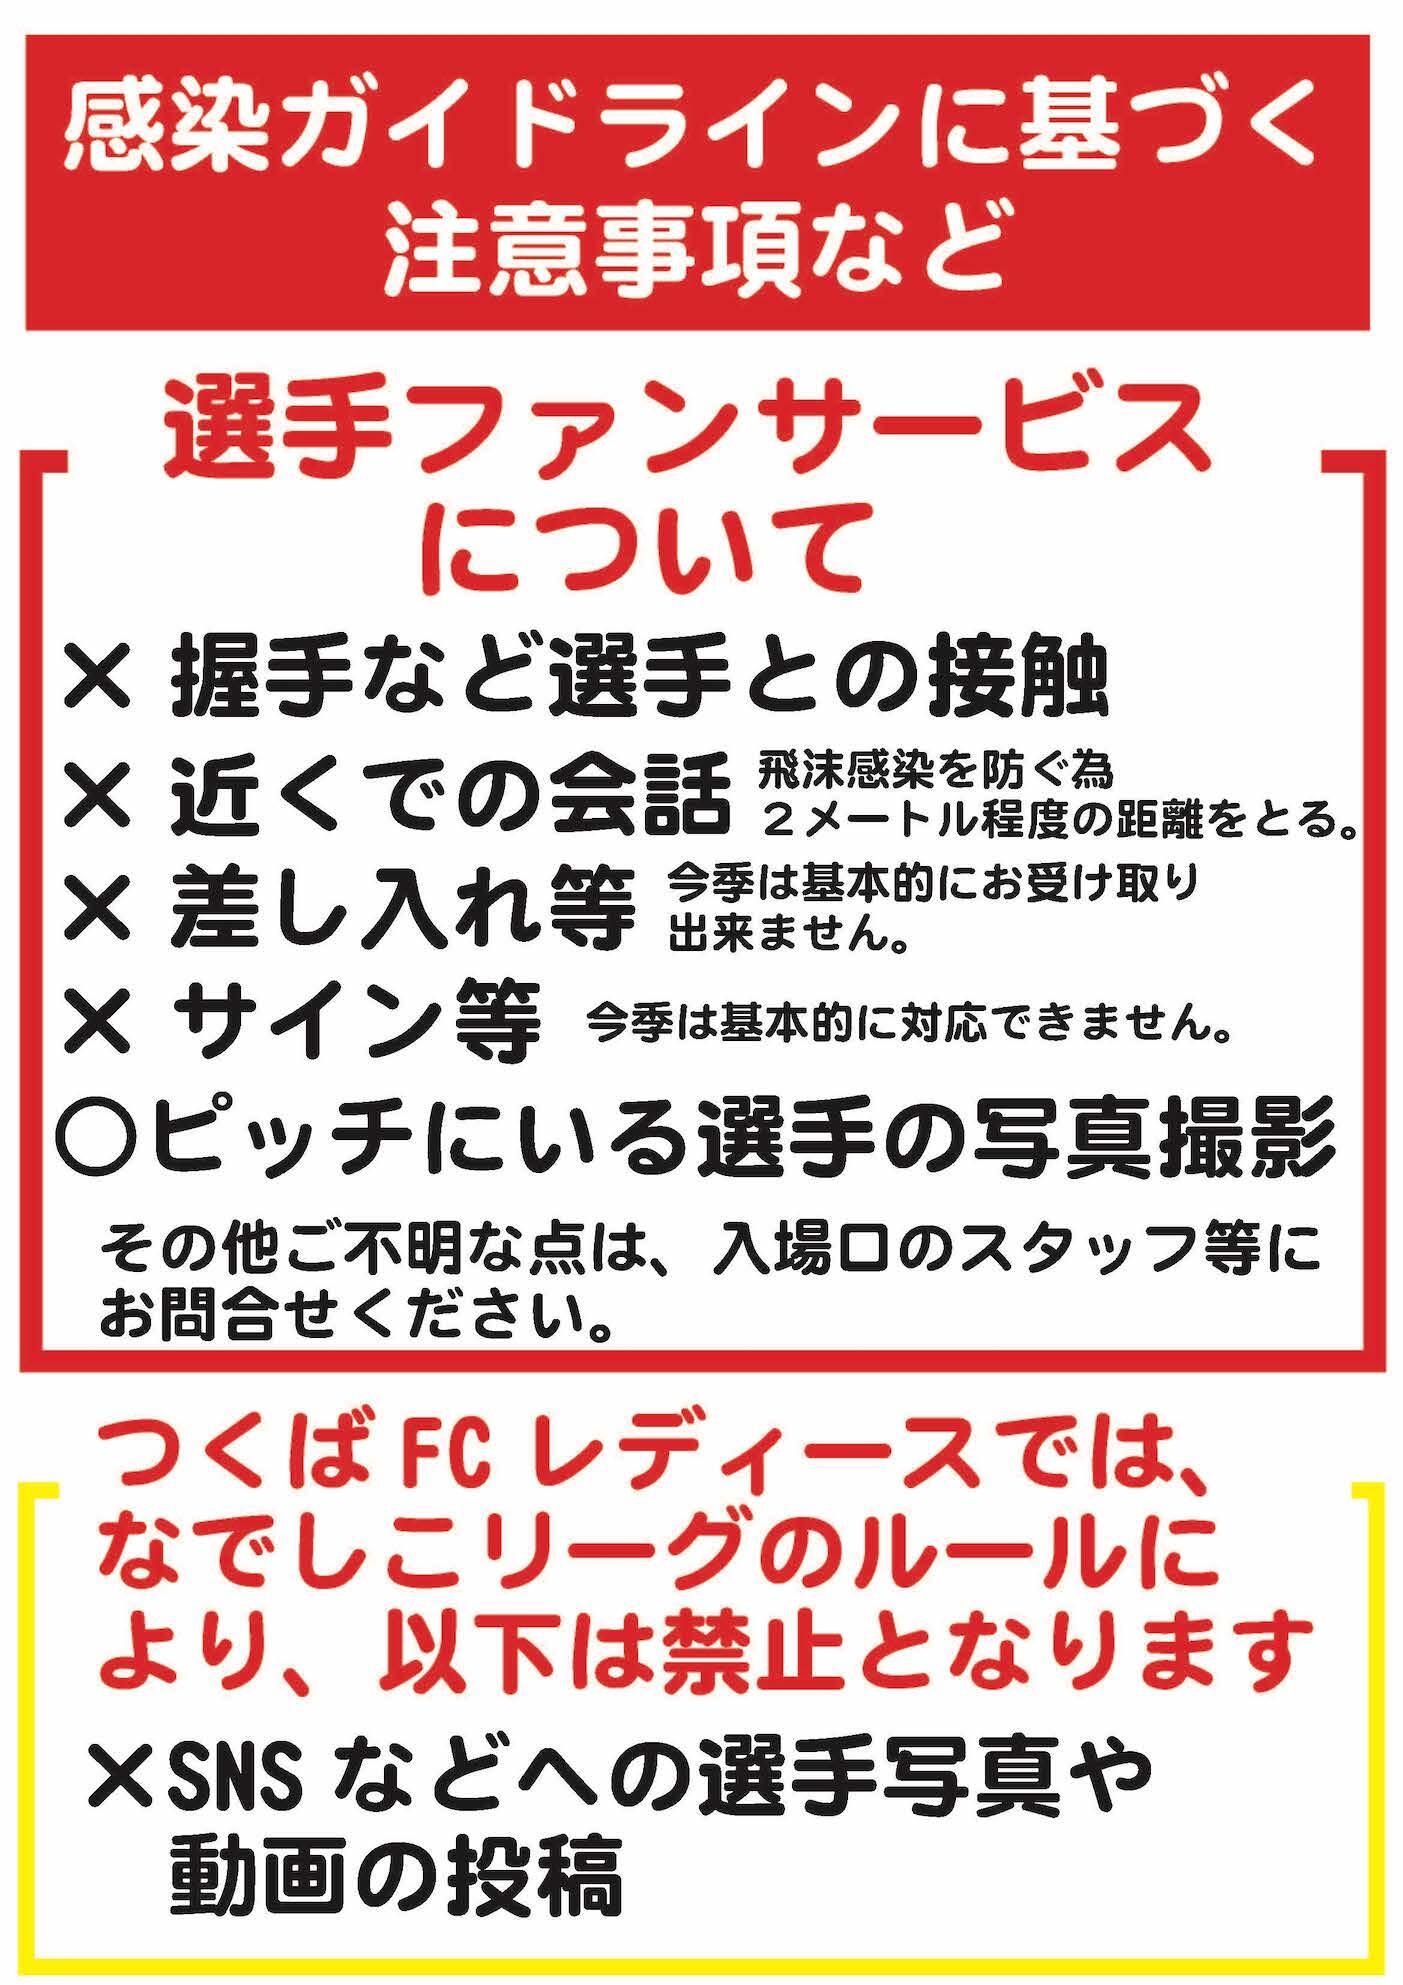 https://www.tsukuba-fc.com/info/res/images/info/258fe5206563dc9833a805e4bde5cc6ce7e50a70.jpg